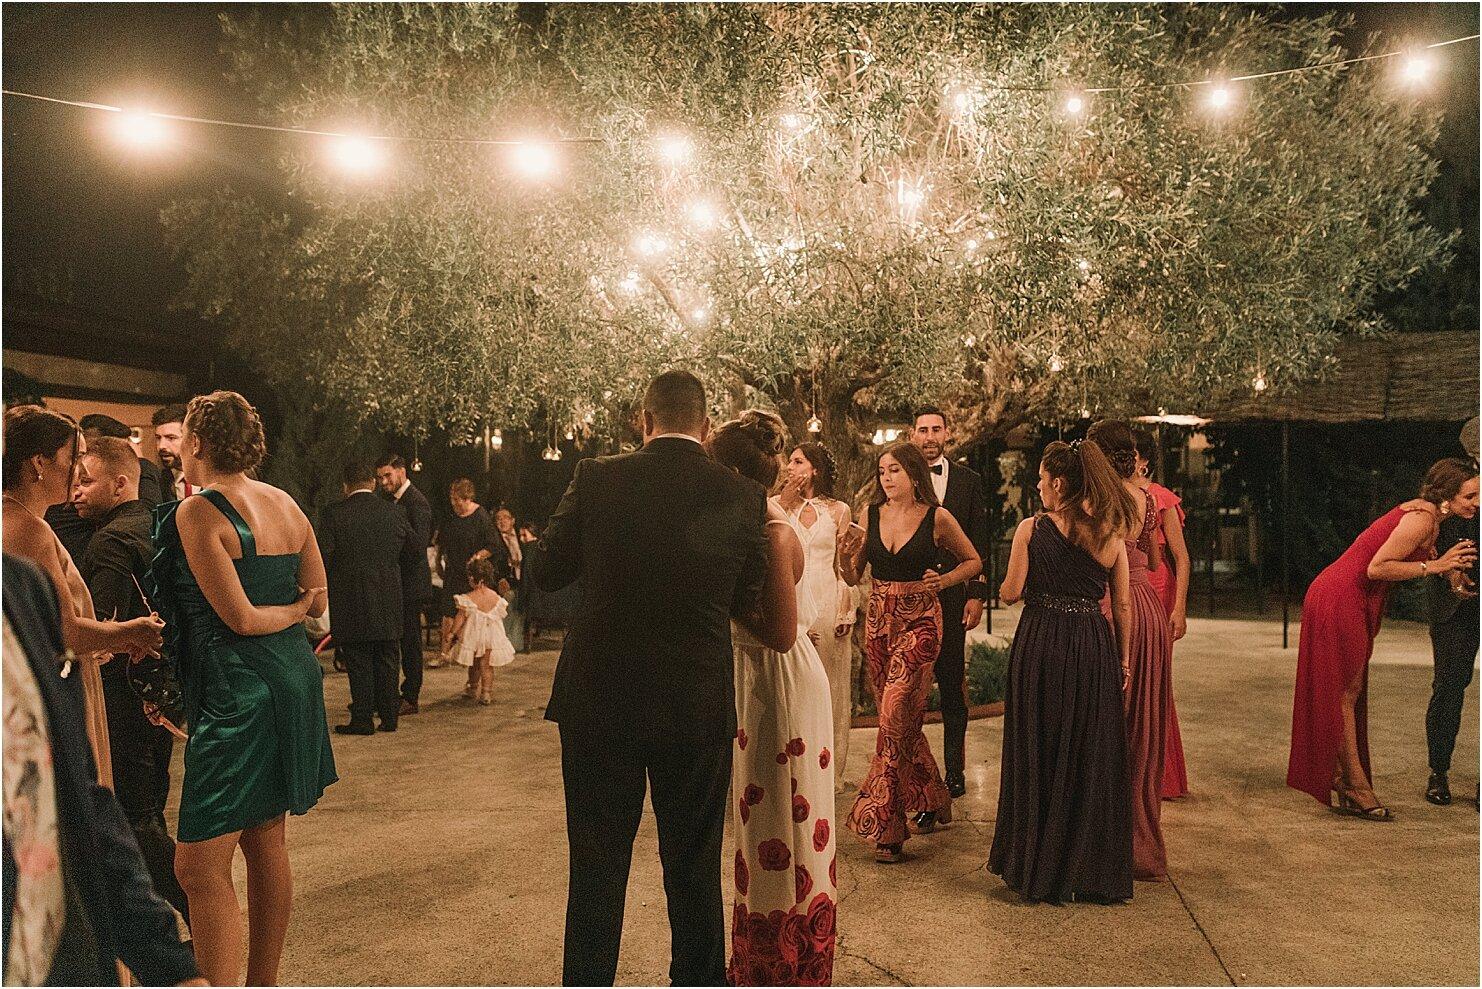 boda-romantica-boda-boho-vestido-de-novia-laura-lomas57.jpg